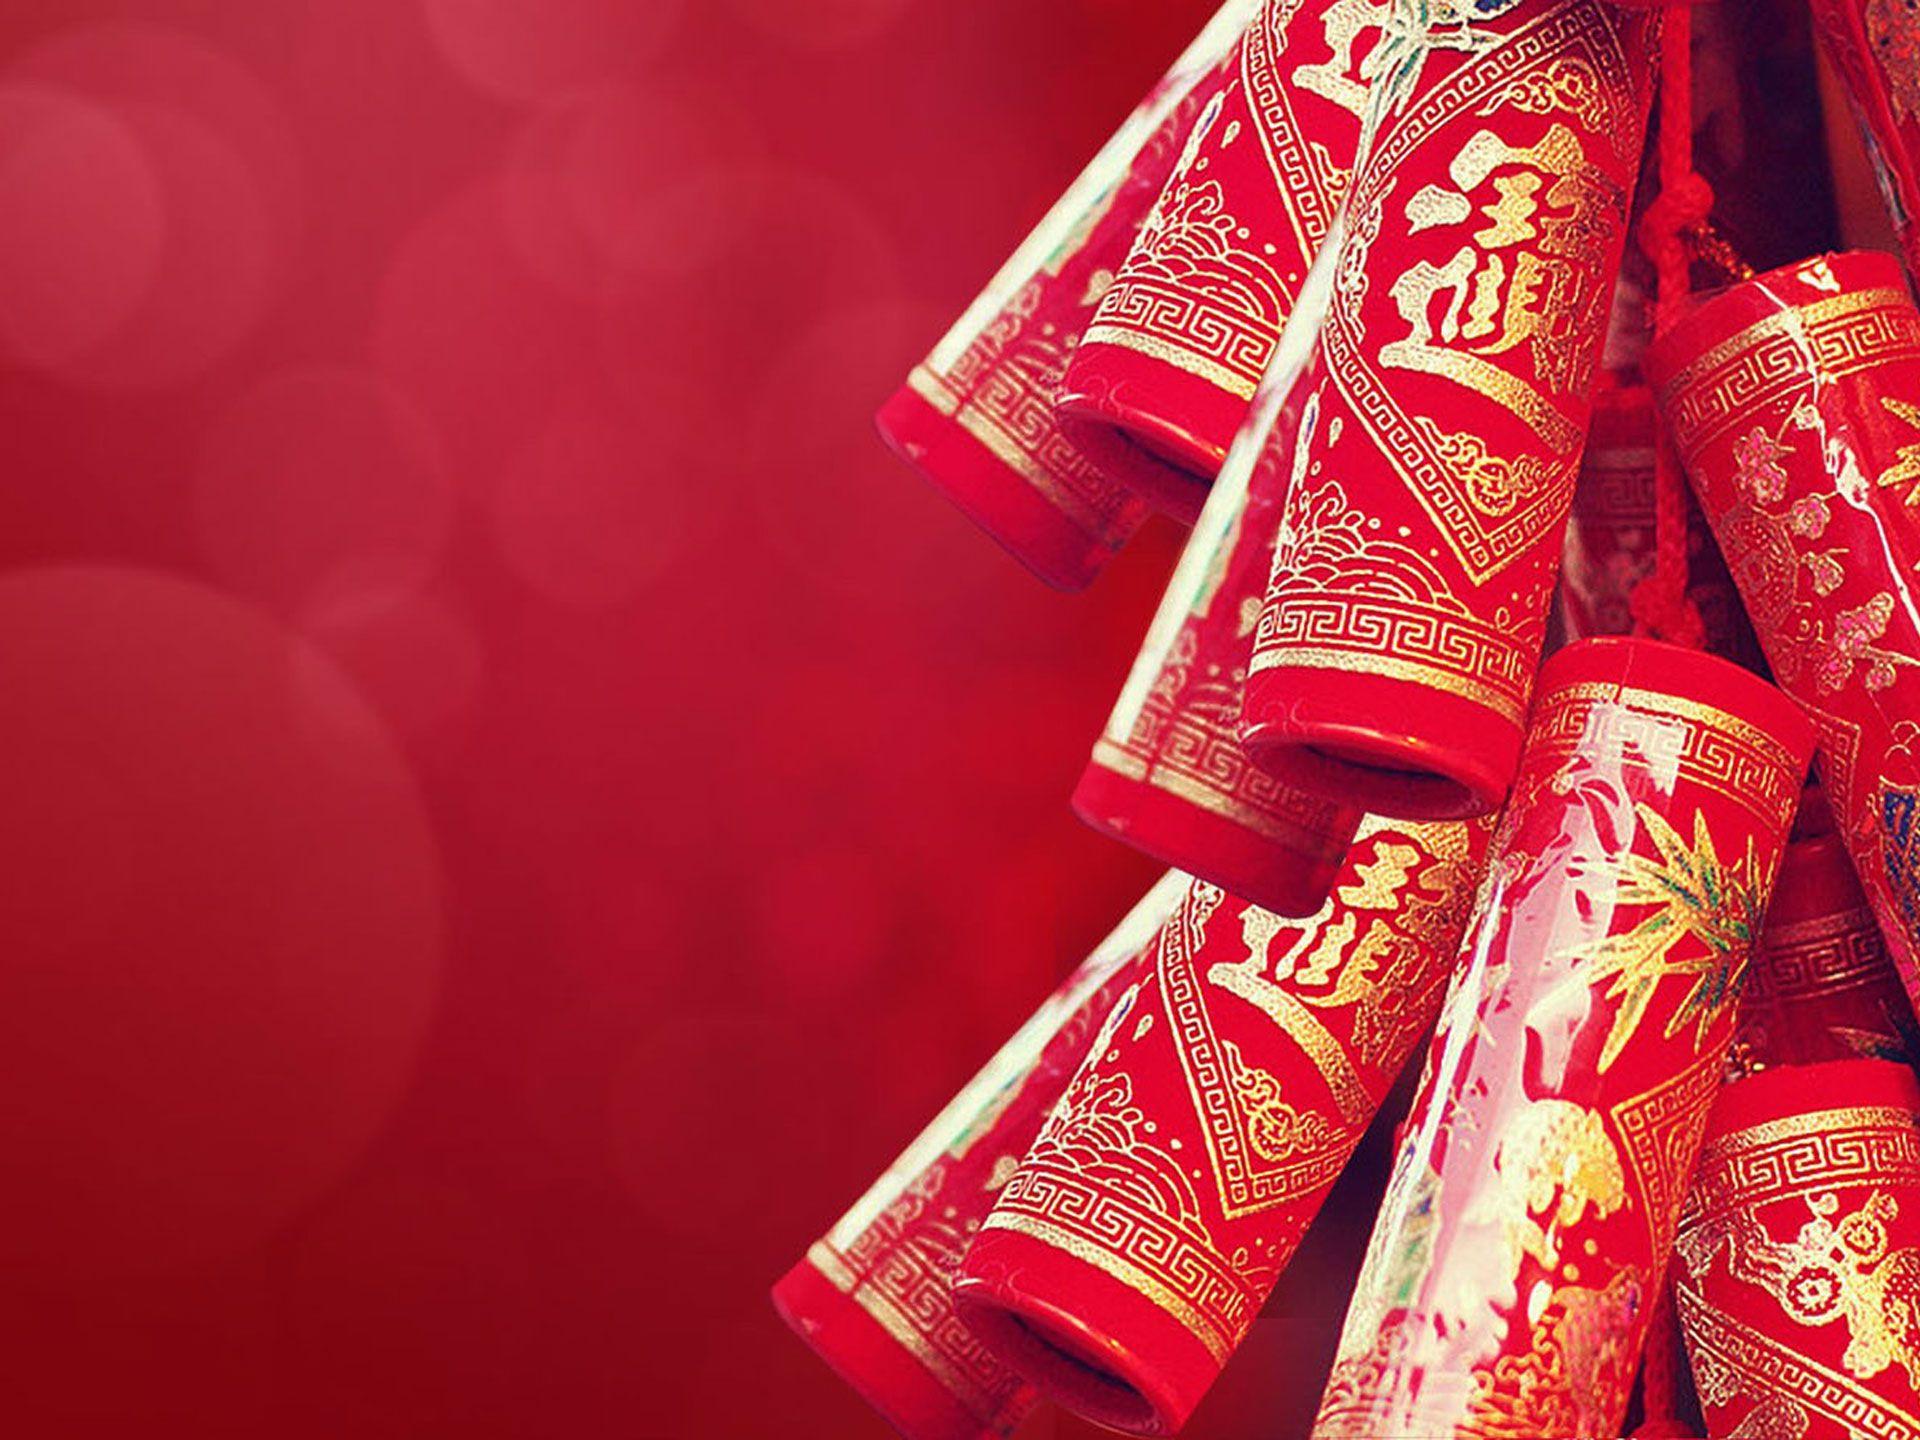 Background Gong Xi Fa Cai   1920x1440 Wallpaper   teahubio 1920x1440